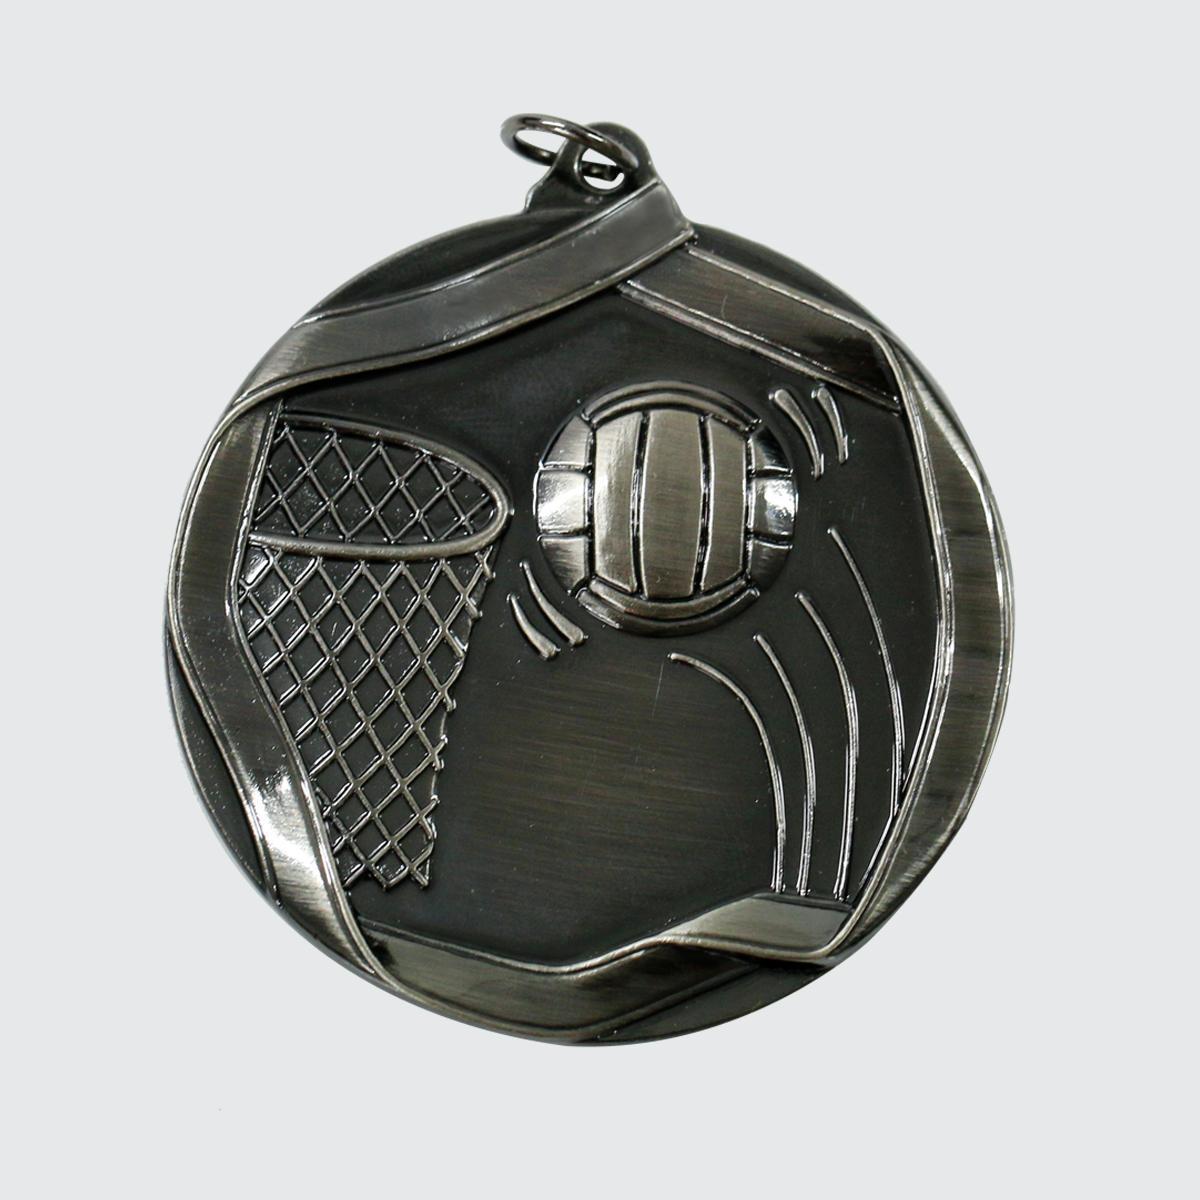 Hình ảnh Huy chương bóng rổ MS621AS 6cm (silver)